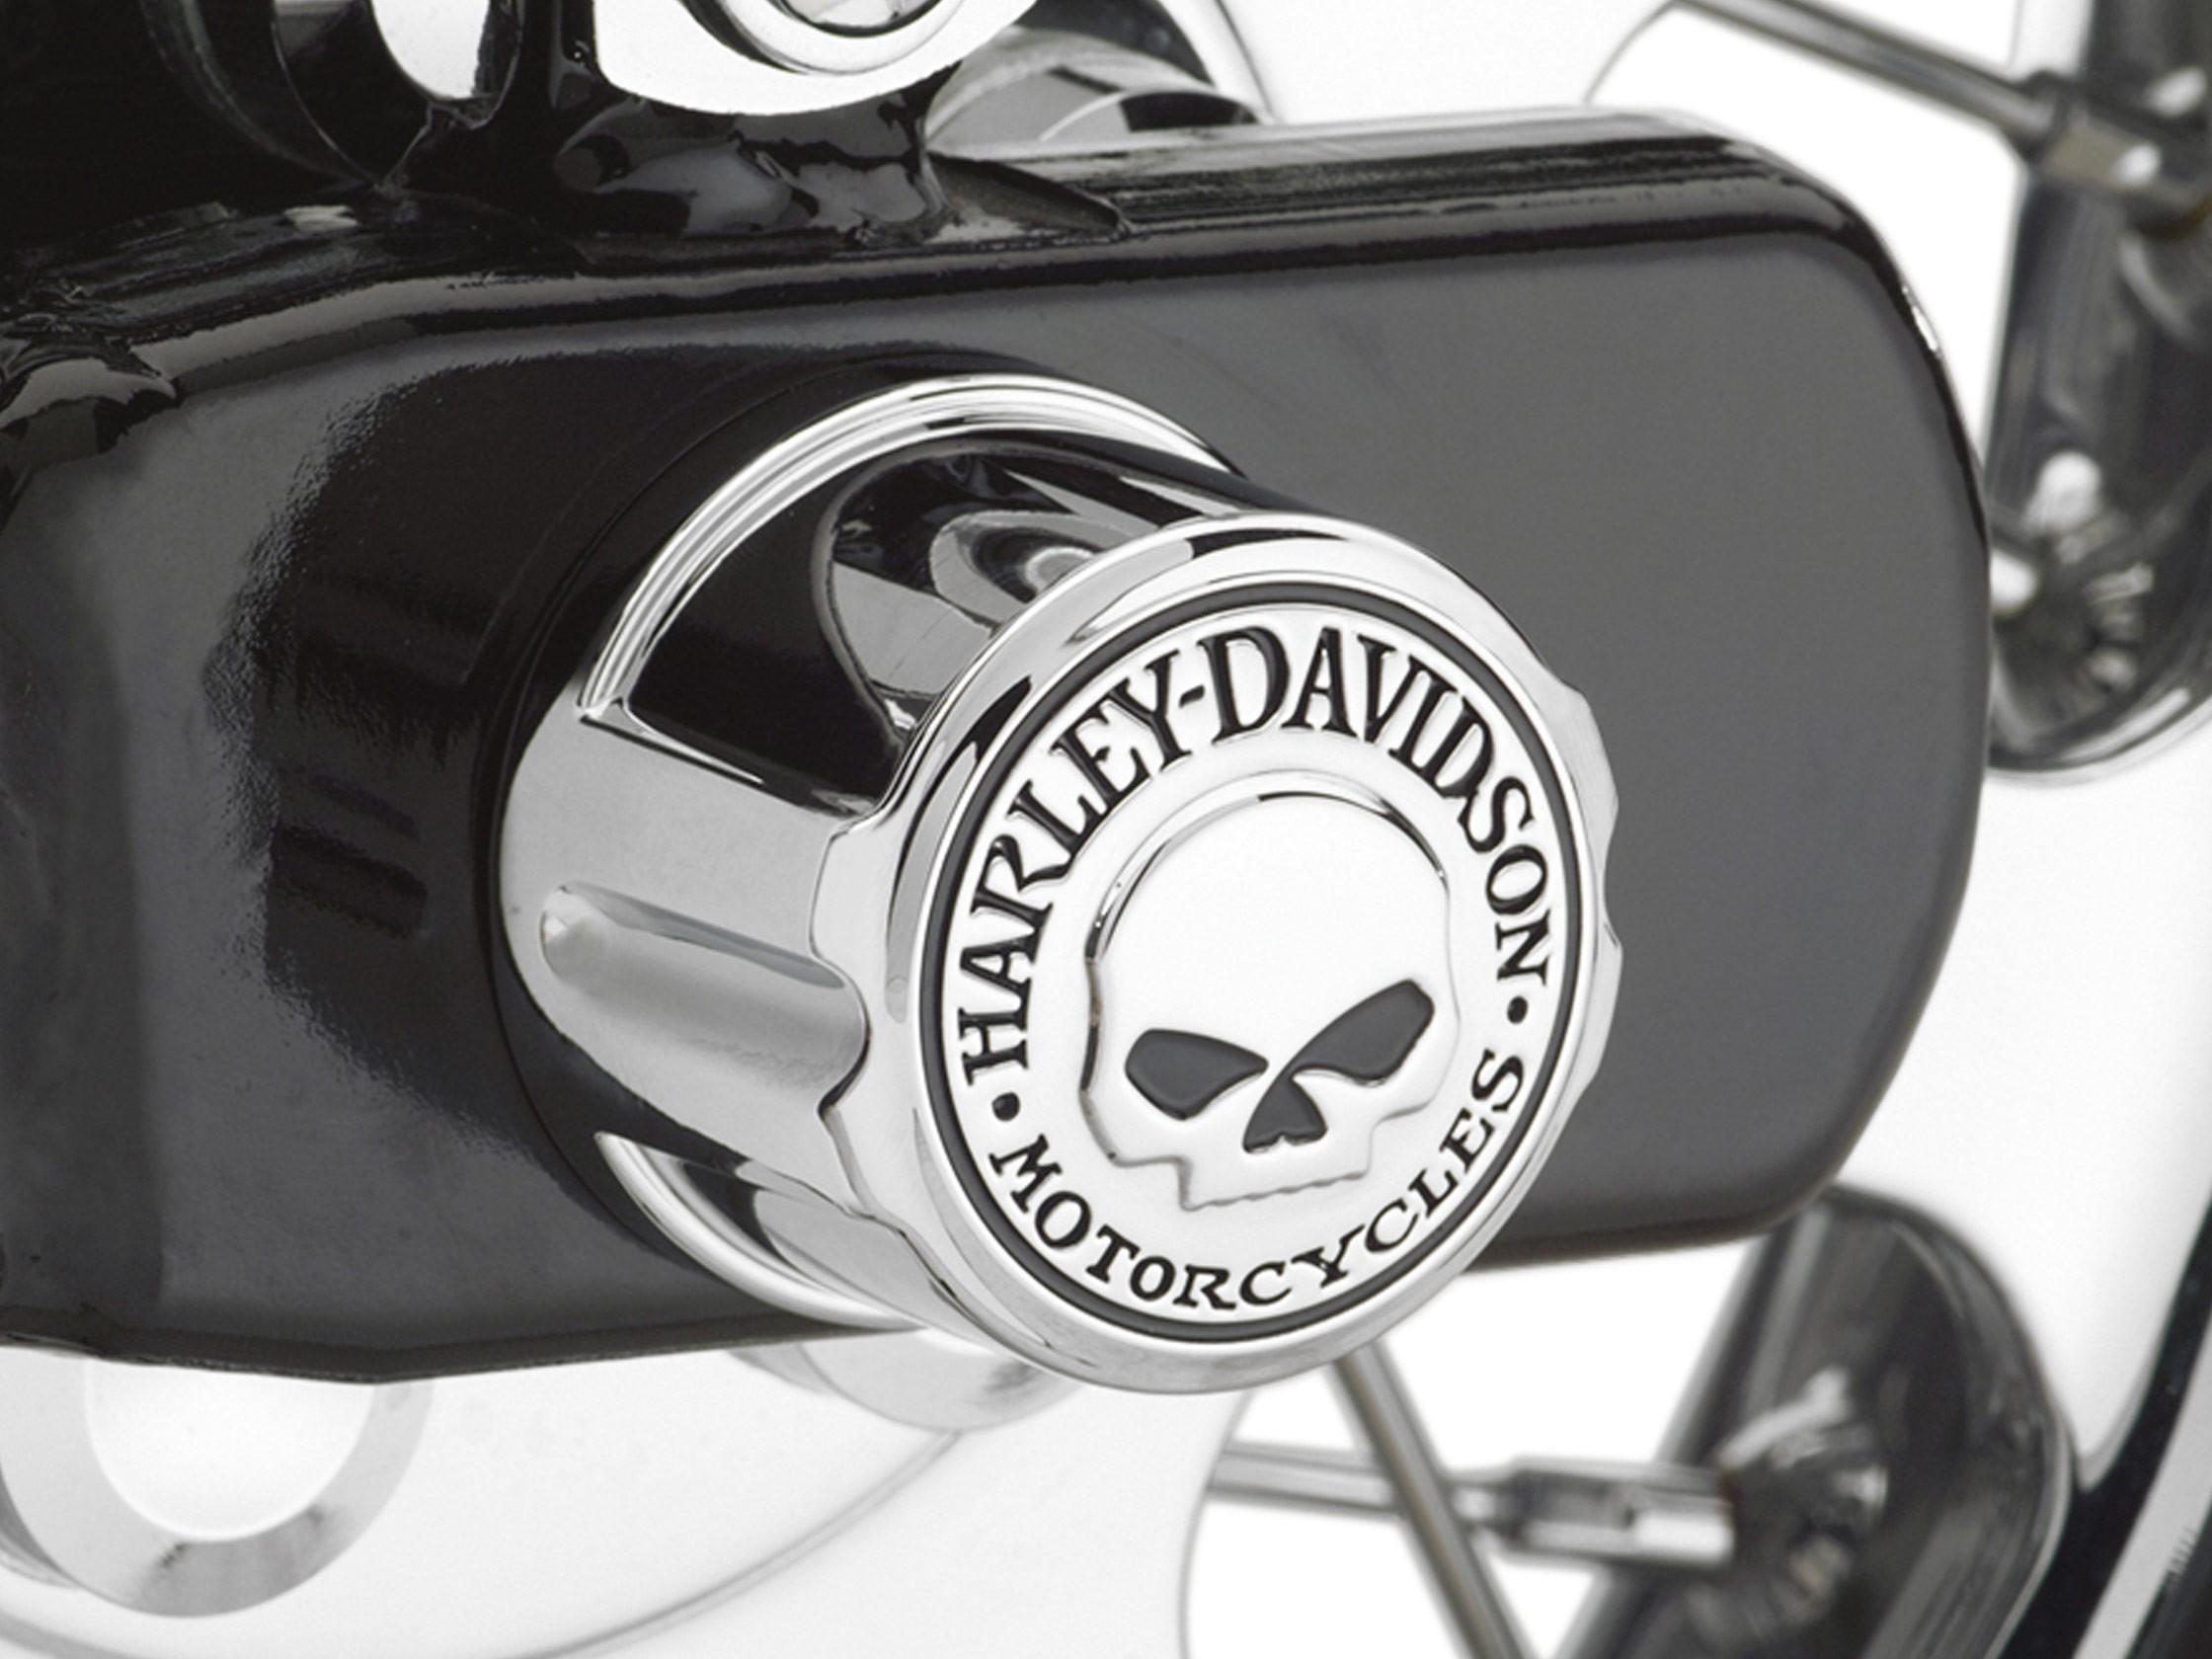 Tapa de tuerca de eje delantero de rotaci/ón de hoja de moto para Harley Dyna Touring XL883 1200 XG Softail A-Cromo